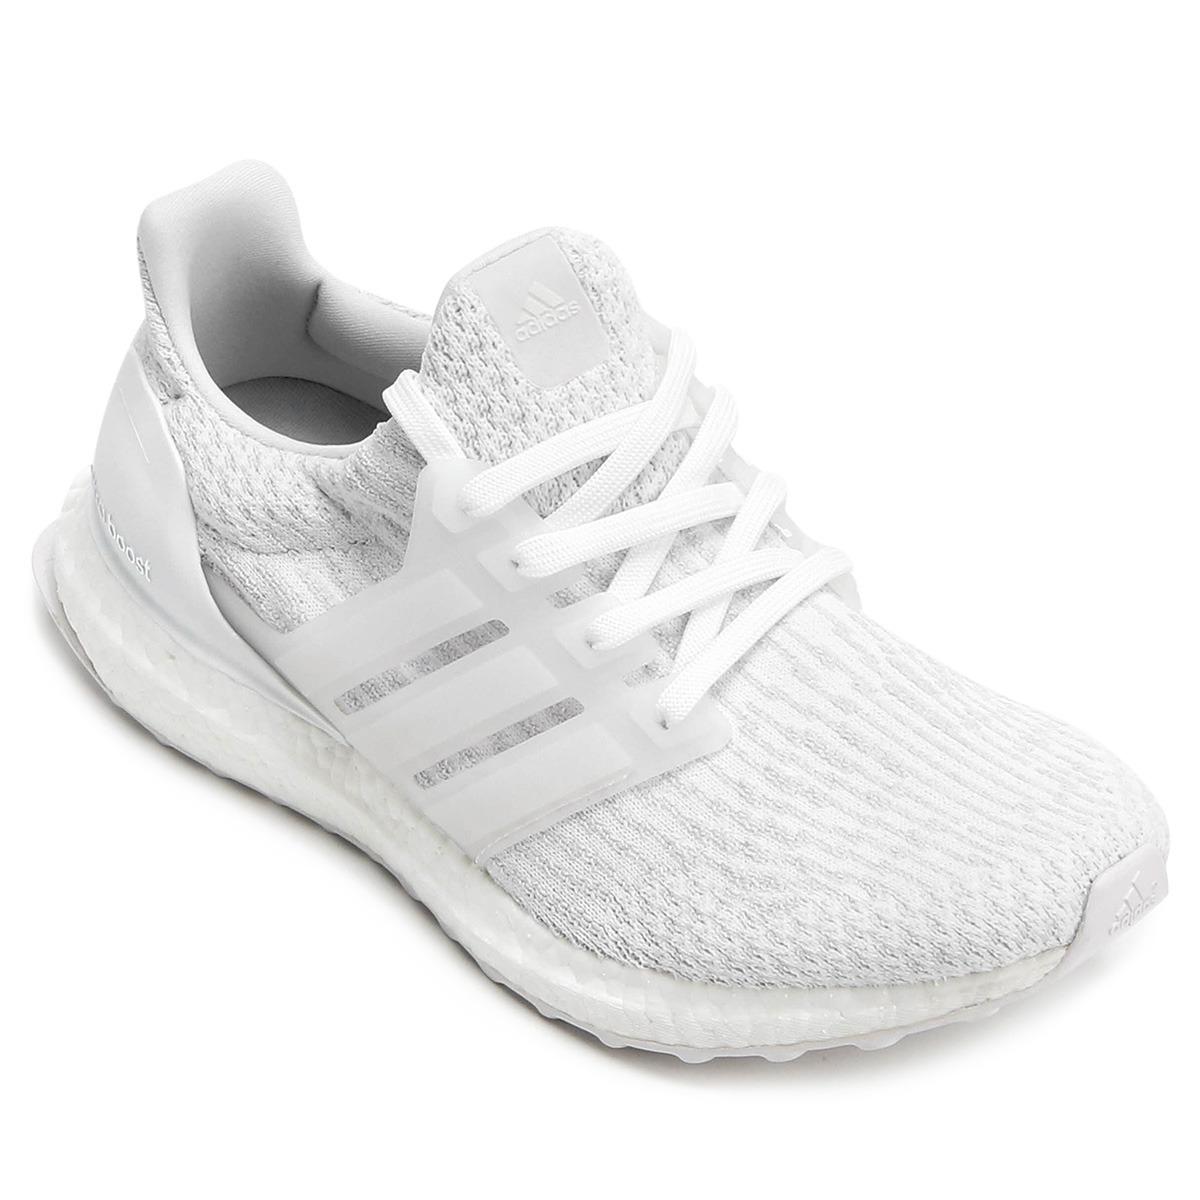 tênis adidas ultra boost branco lindao garantia original ! Carregando zoom. 62e5625ce9faa